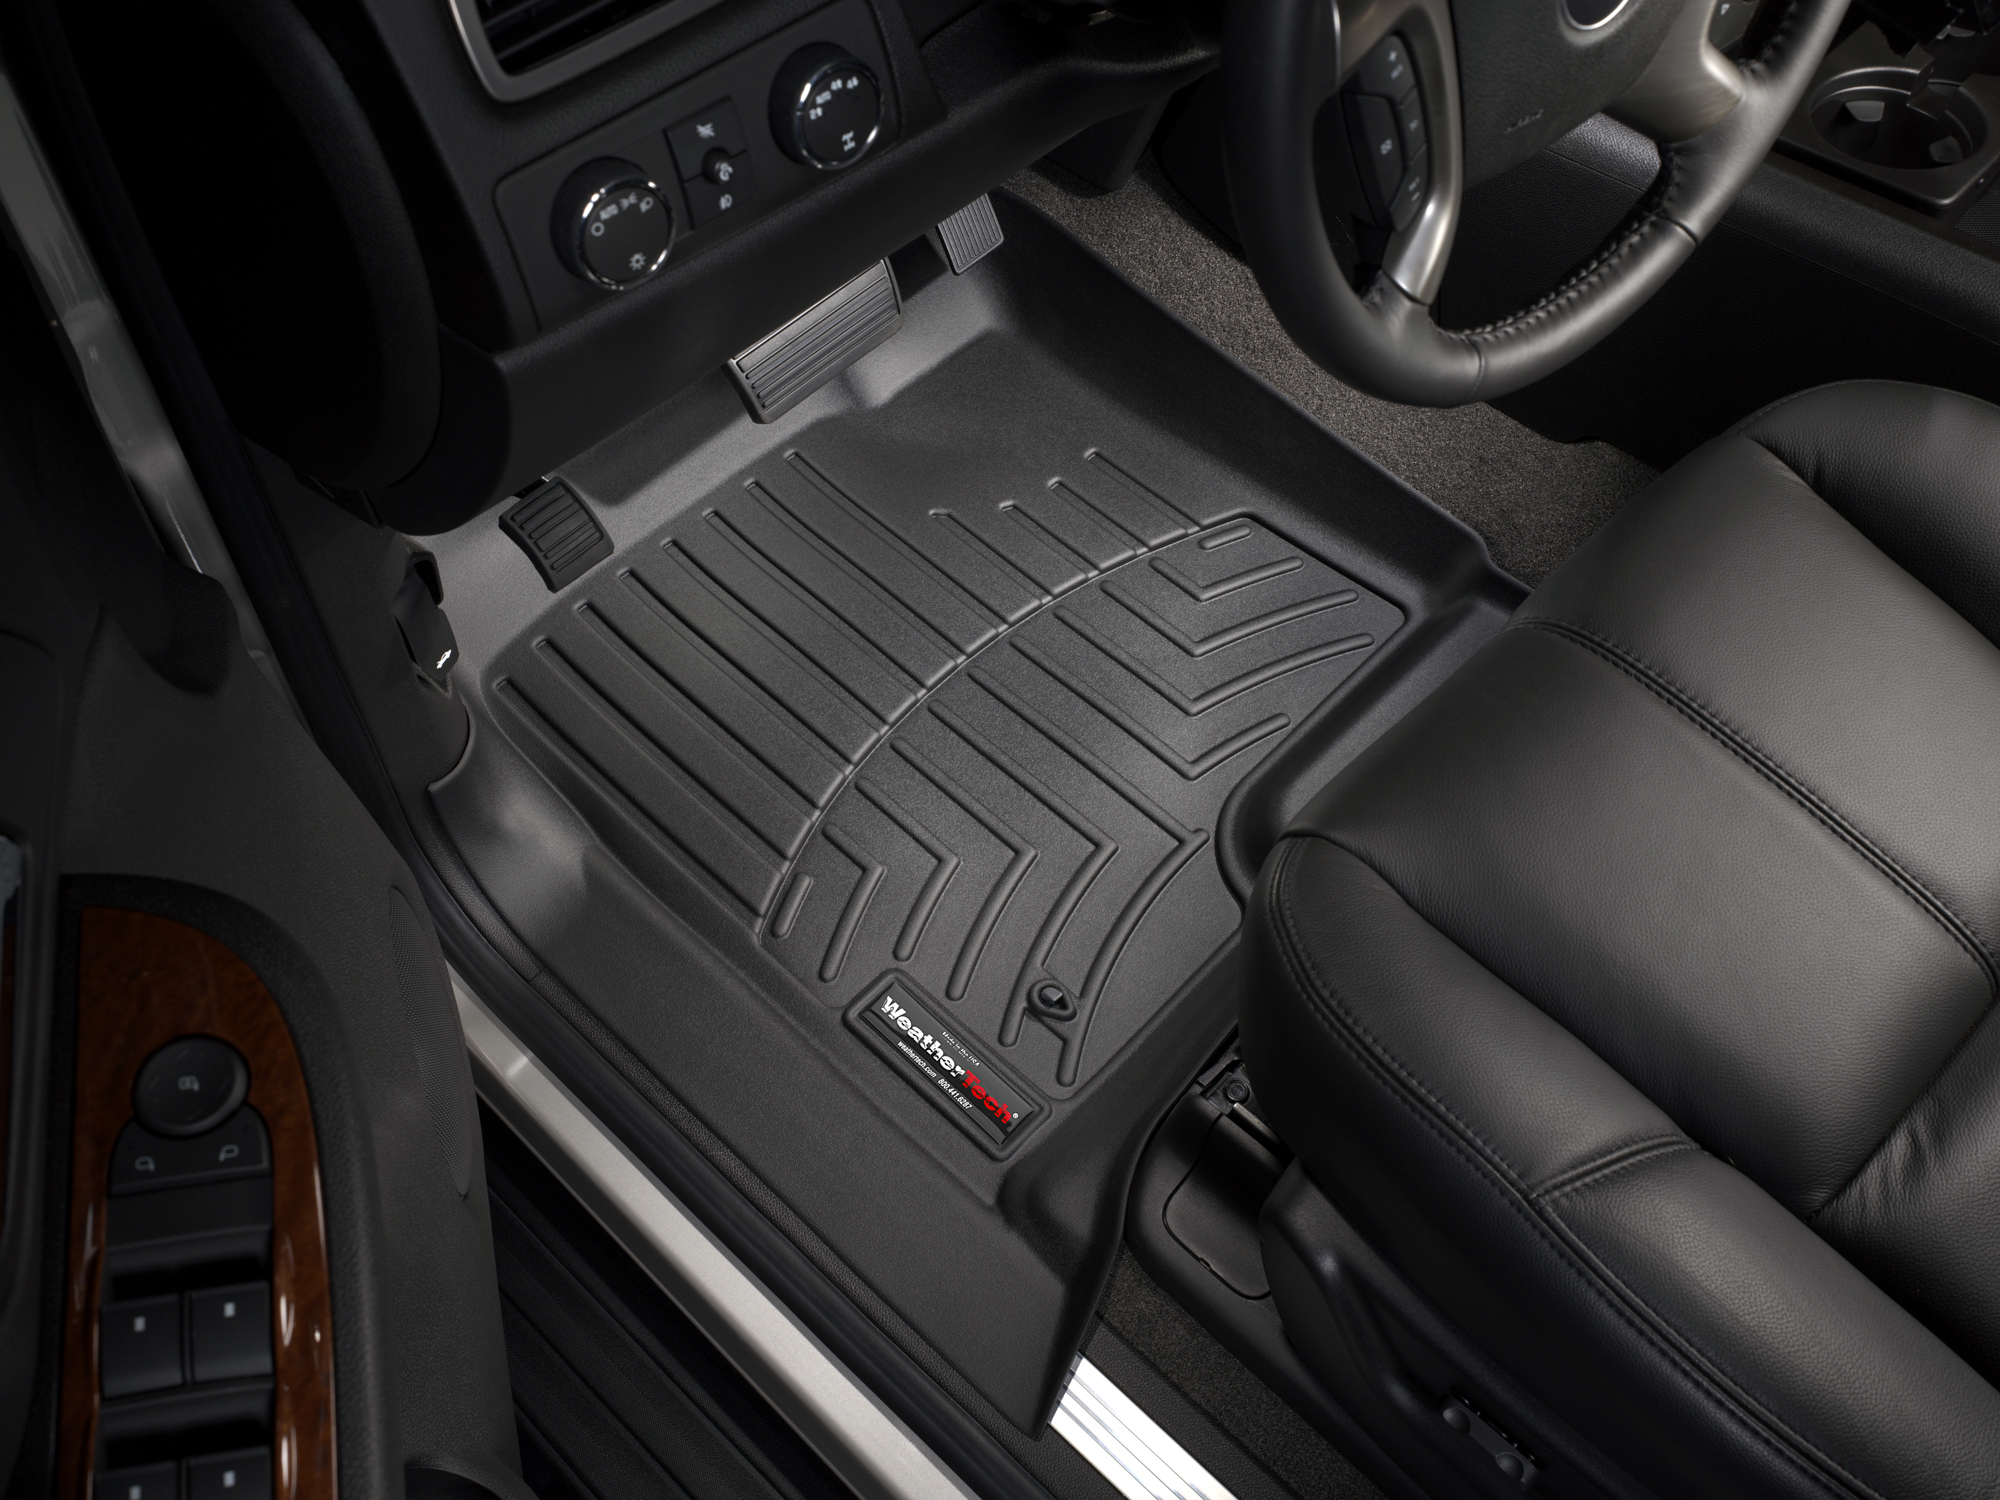 Tappeti gomma su misura bordo alto Chevrolet Silverado 08>13 Nero A178